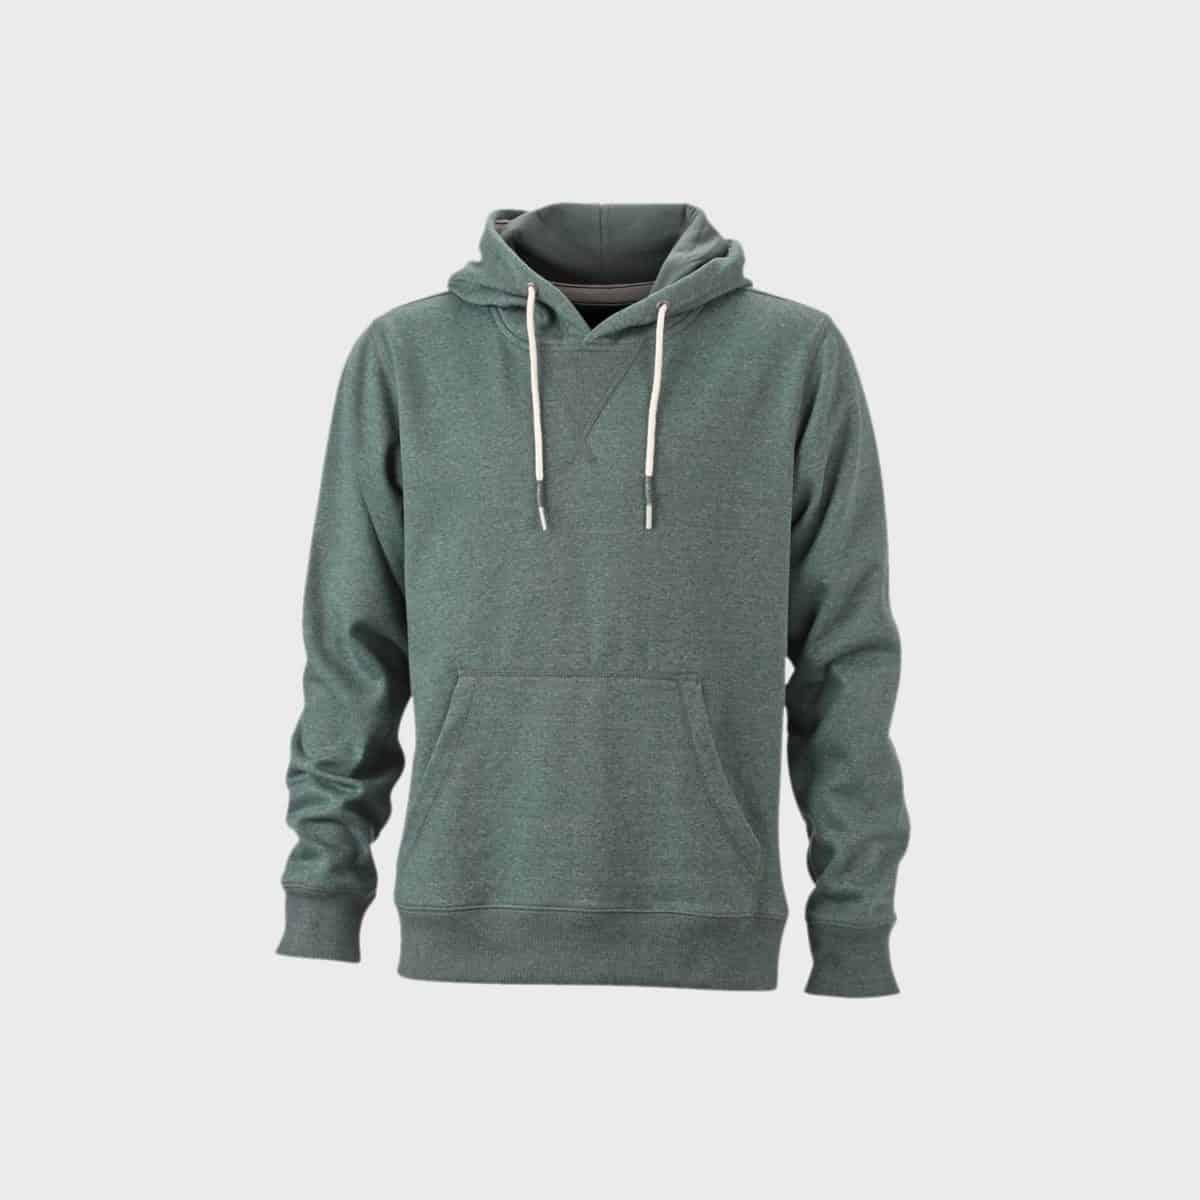 hoodie-herren-melange-dustygreen-kaufen-besticken_stickmanufaktur